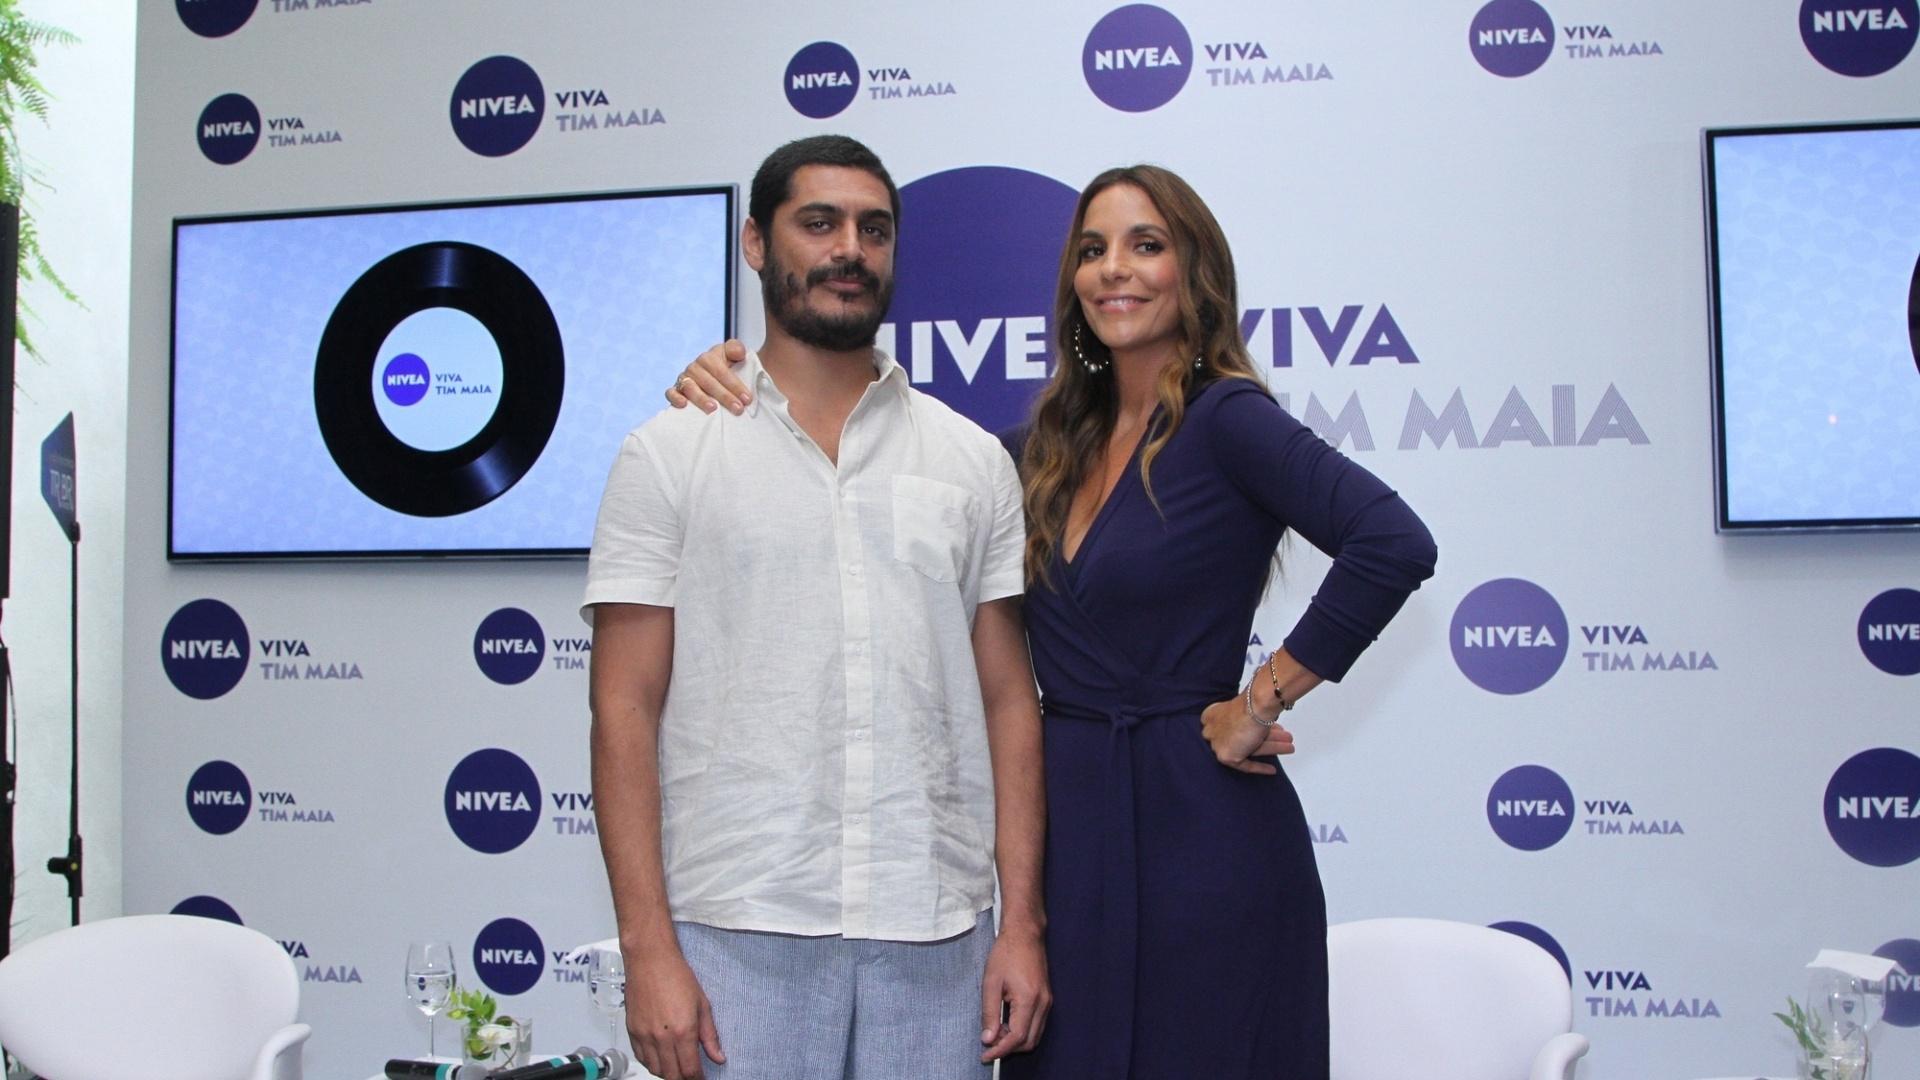 4.fev.2015 - O rapper Criolo e a cantora Ivete Sangalo participam de anúncio do projeto Viva Tim Maia, em que farão shows gratuitos em homenagem ao cantor